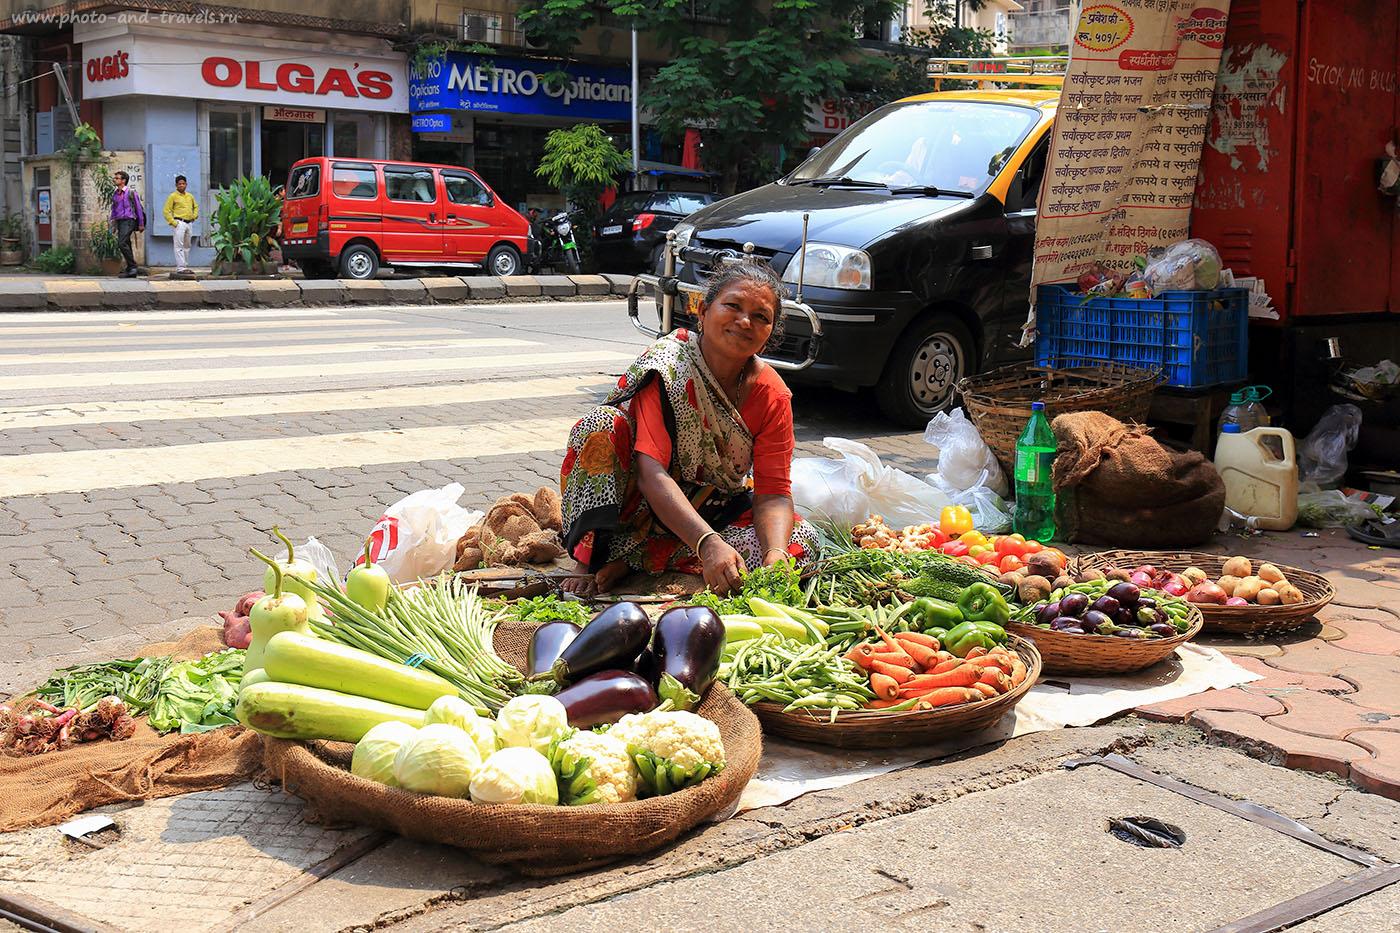 20. Торговка овощами на улице Козуэй в Мумбаи. Туры в Индию самостоятельно. (24-70,1/100, 1eV, f8, 33 mm, ISO 100)